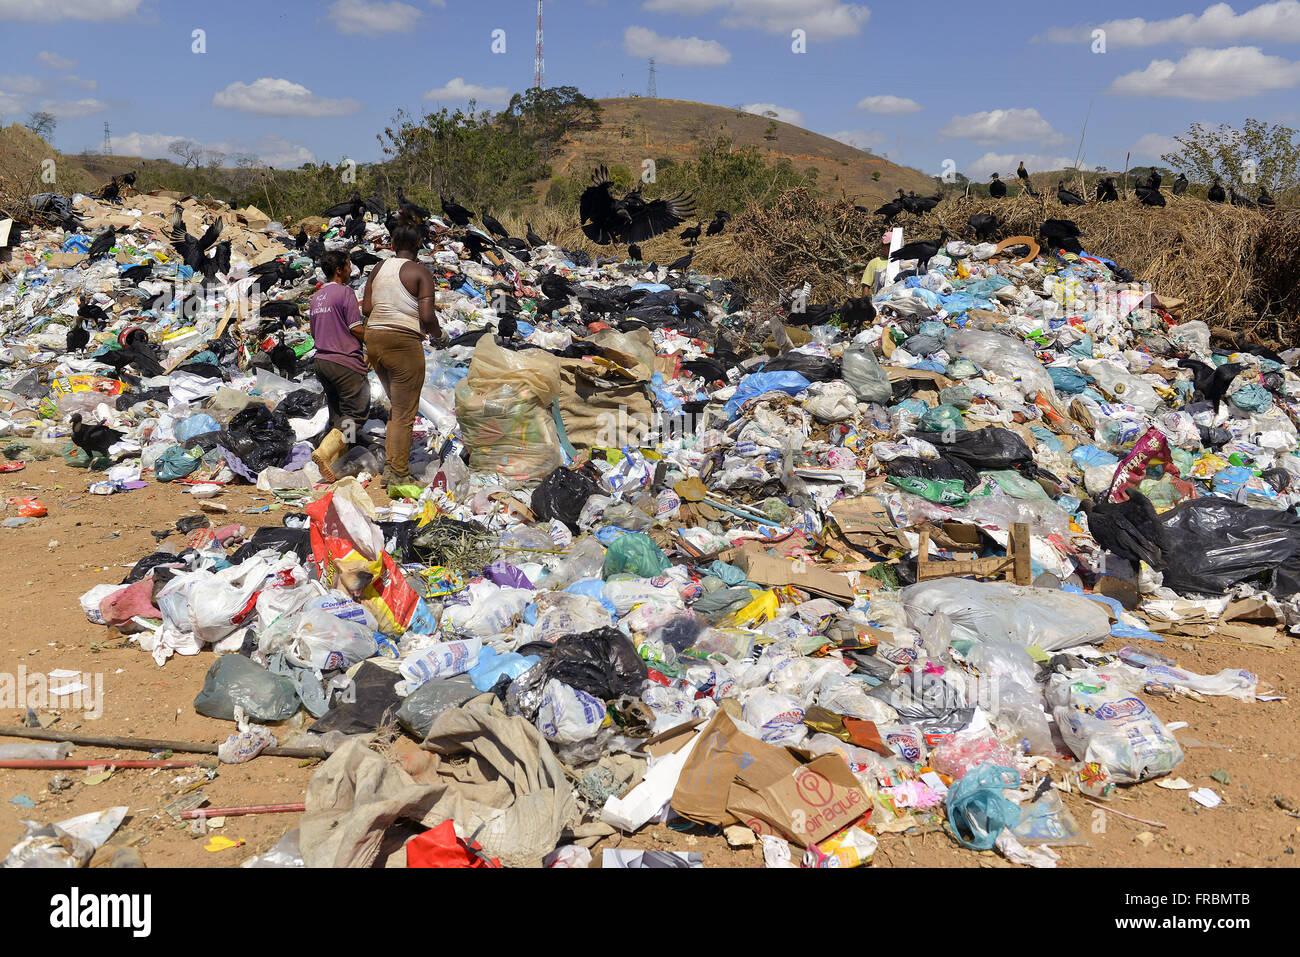 Des ramasseurs de déchets recyclables-dans le ciel ouvert au km 17 de l'autoroute BR-040 Washington Luiz Photo Stock